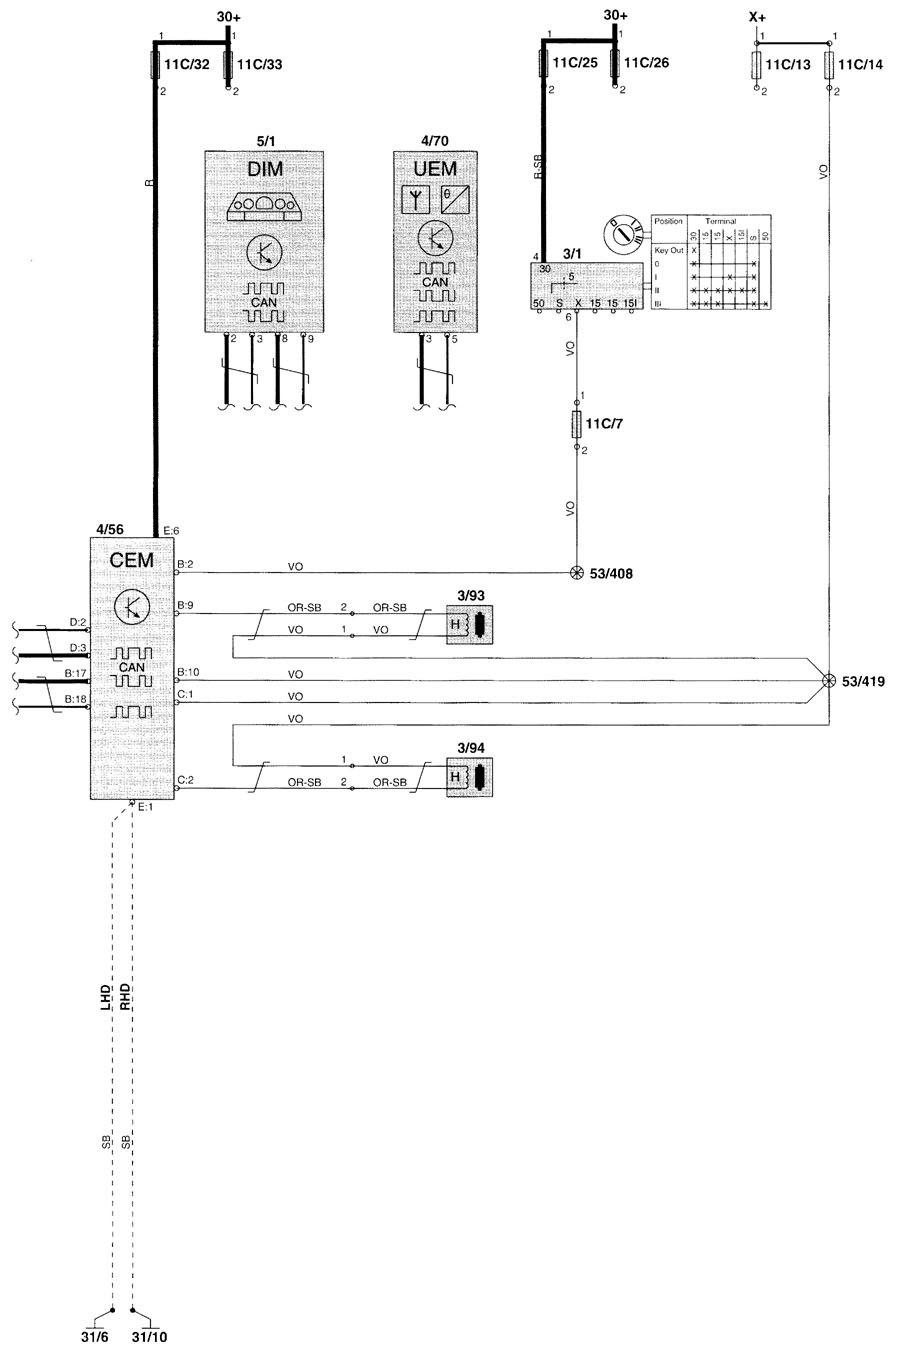 Seat Belt Wiring Diagram 2000 Volvo S70   Schematic Diagram Volvo Seat Wiring Schematic on takeuchi wiring schematic, vw bug wiring schematic, western star wiring schematic, new holland wiring schematic, gmc wiring schematic, yanmar wiring schematic, hyundai wiring schematic, international harvester wiring schematic, vespa wiring schematic, ford wiring schematic, thermo king tripac wiring schematic, yamaha wiring schematic, saturn wiring schematic, mack wiring schematic, jcb wiring schematic, prevost car wiring schematic, gem car wiring schematic, kia wiring schematic, am general wiring schematic, john deere wiring schematic,